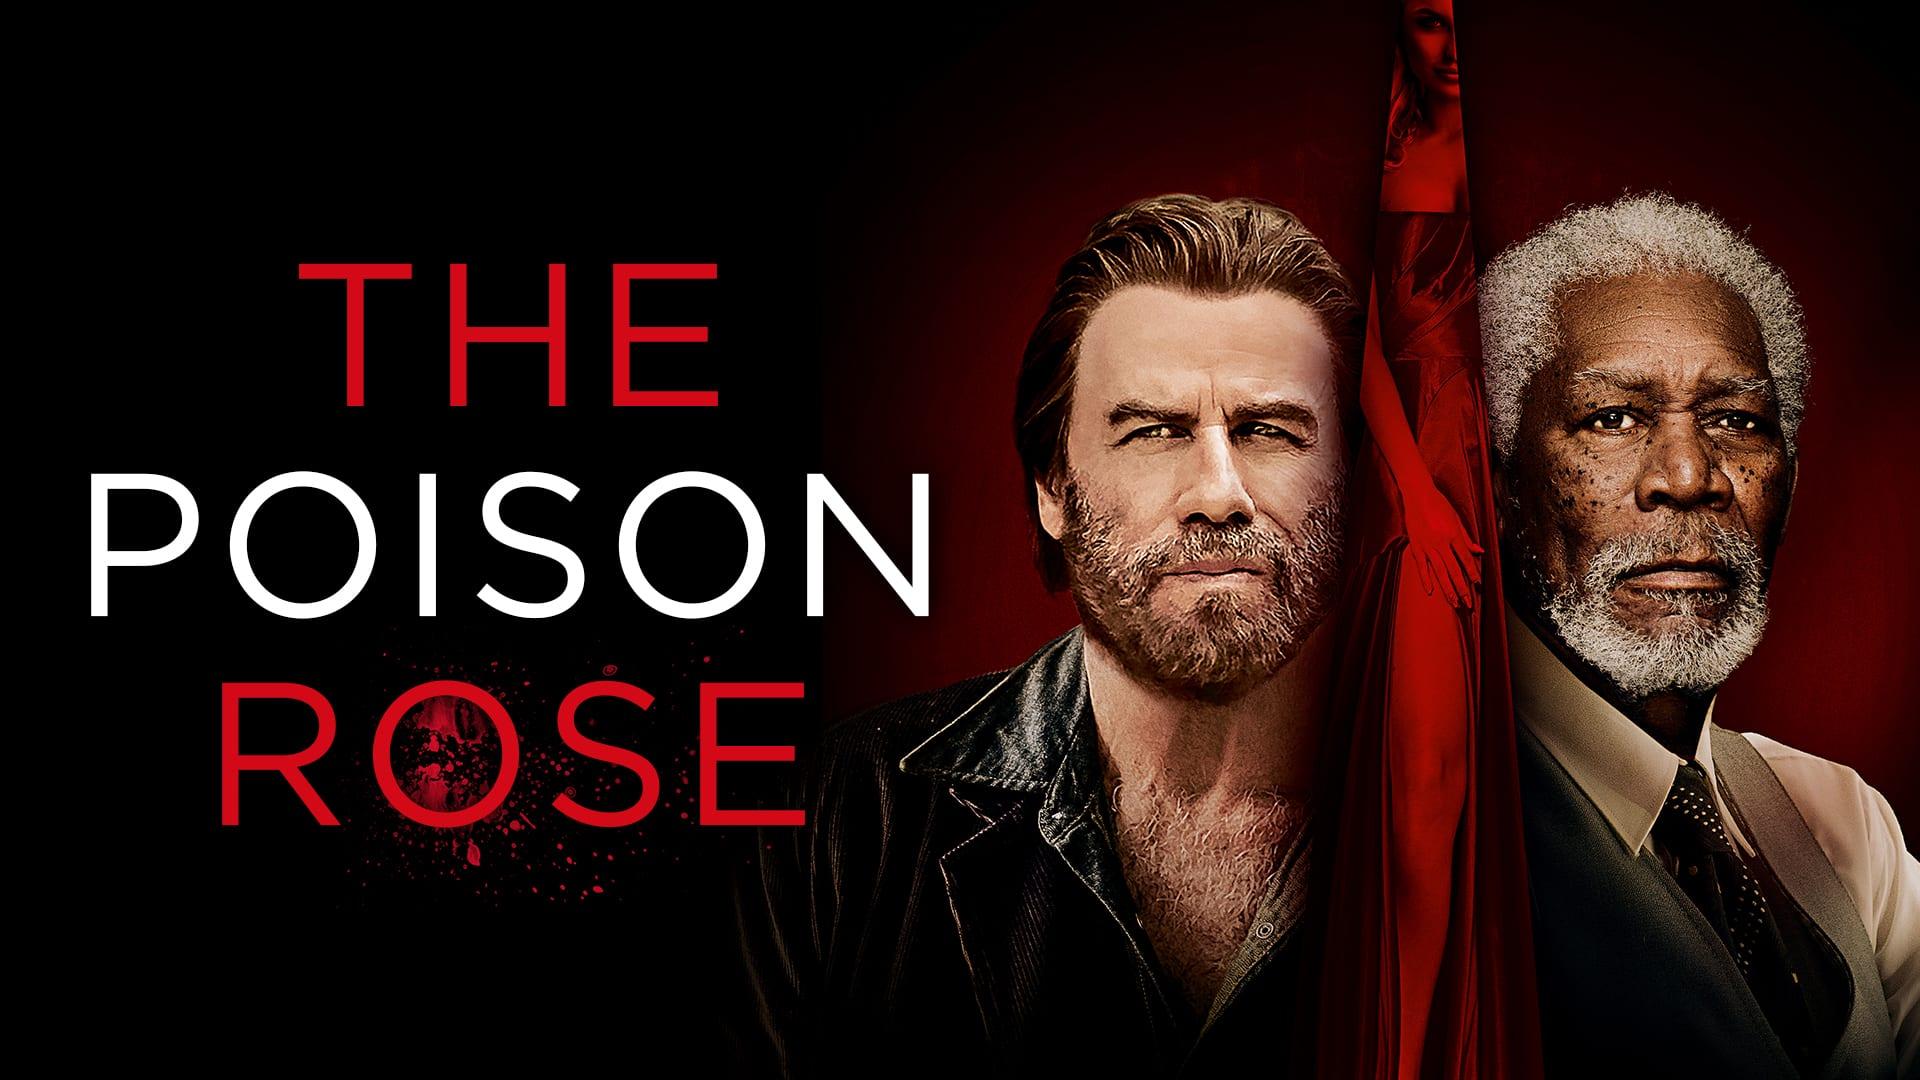 1. desember: The Godfather: Part 2 og 3 - Netflix